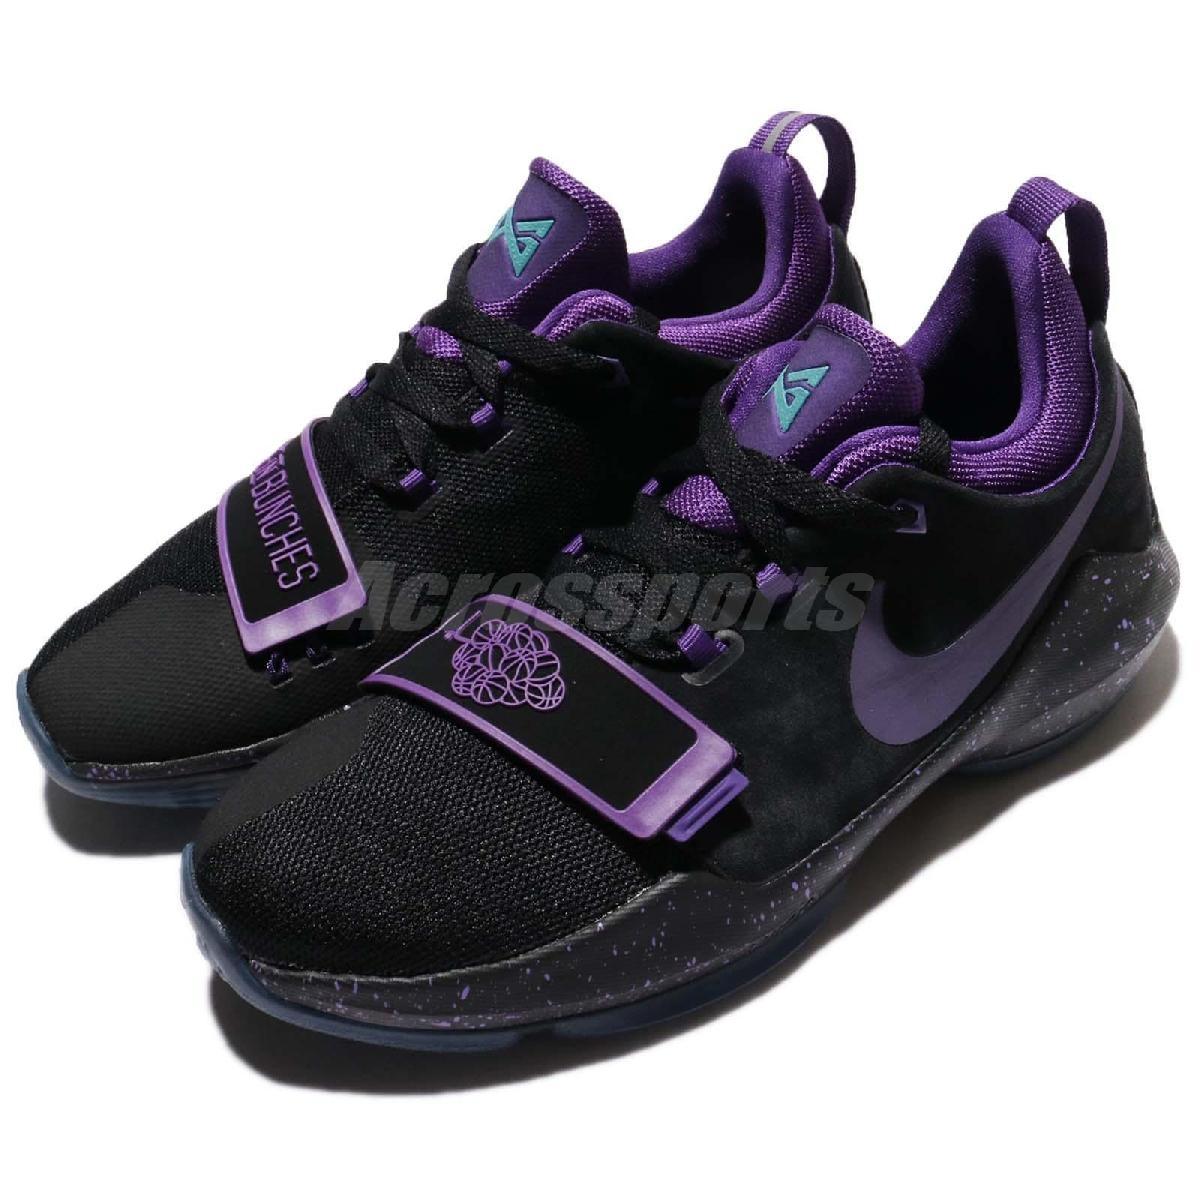 Nike籃球鞋PG 1 GS黑紫葡萄Grape女鞋大童鞋PUMP306 880304-097